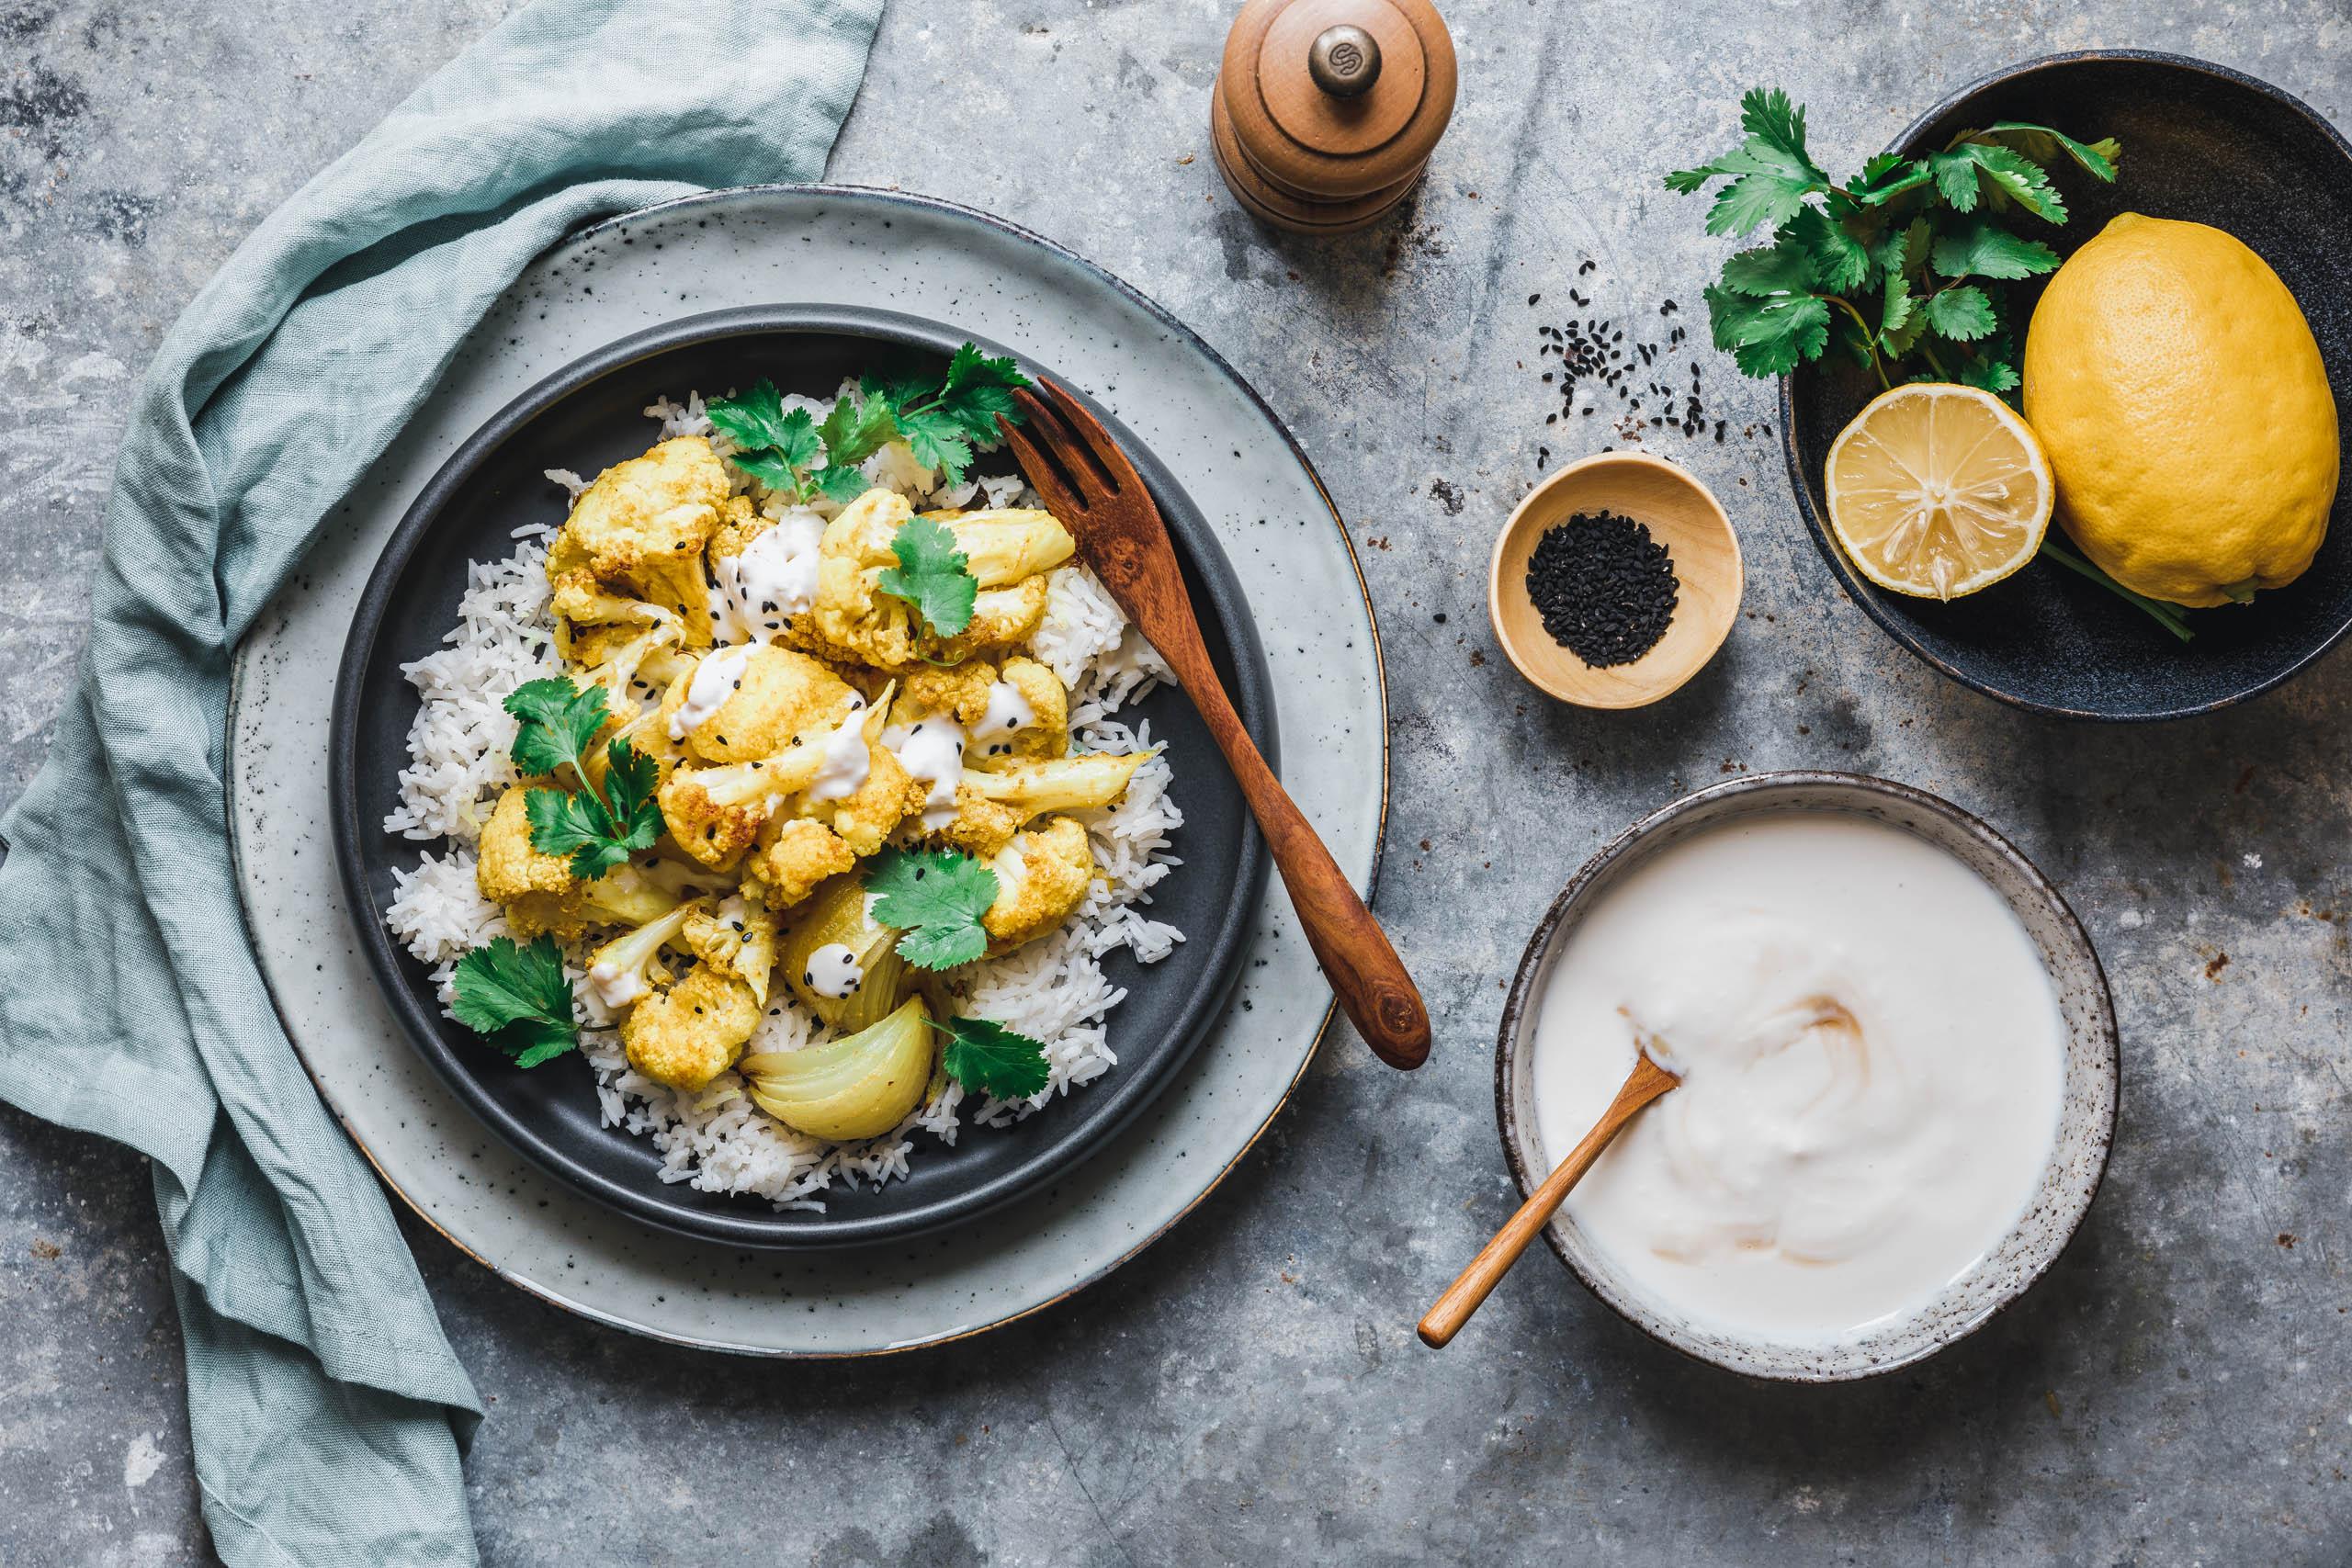 Gerösteter Curry-Blumenkohl mit frischer Zitronen-Raita